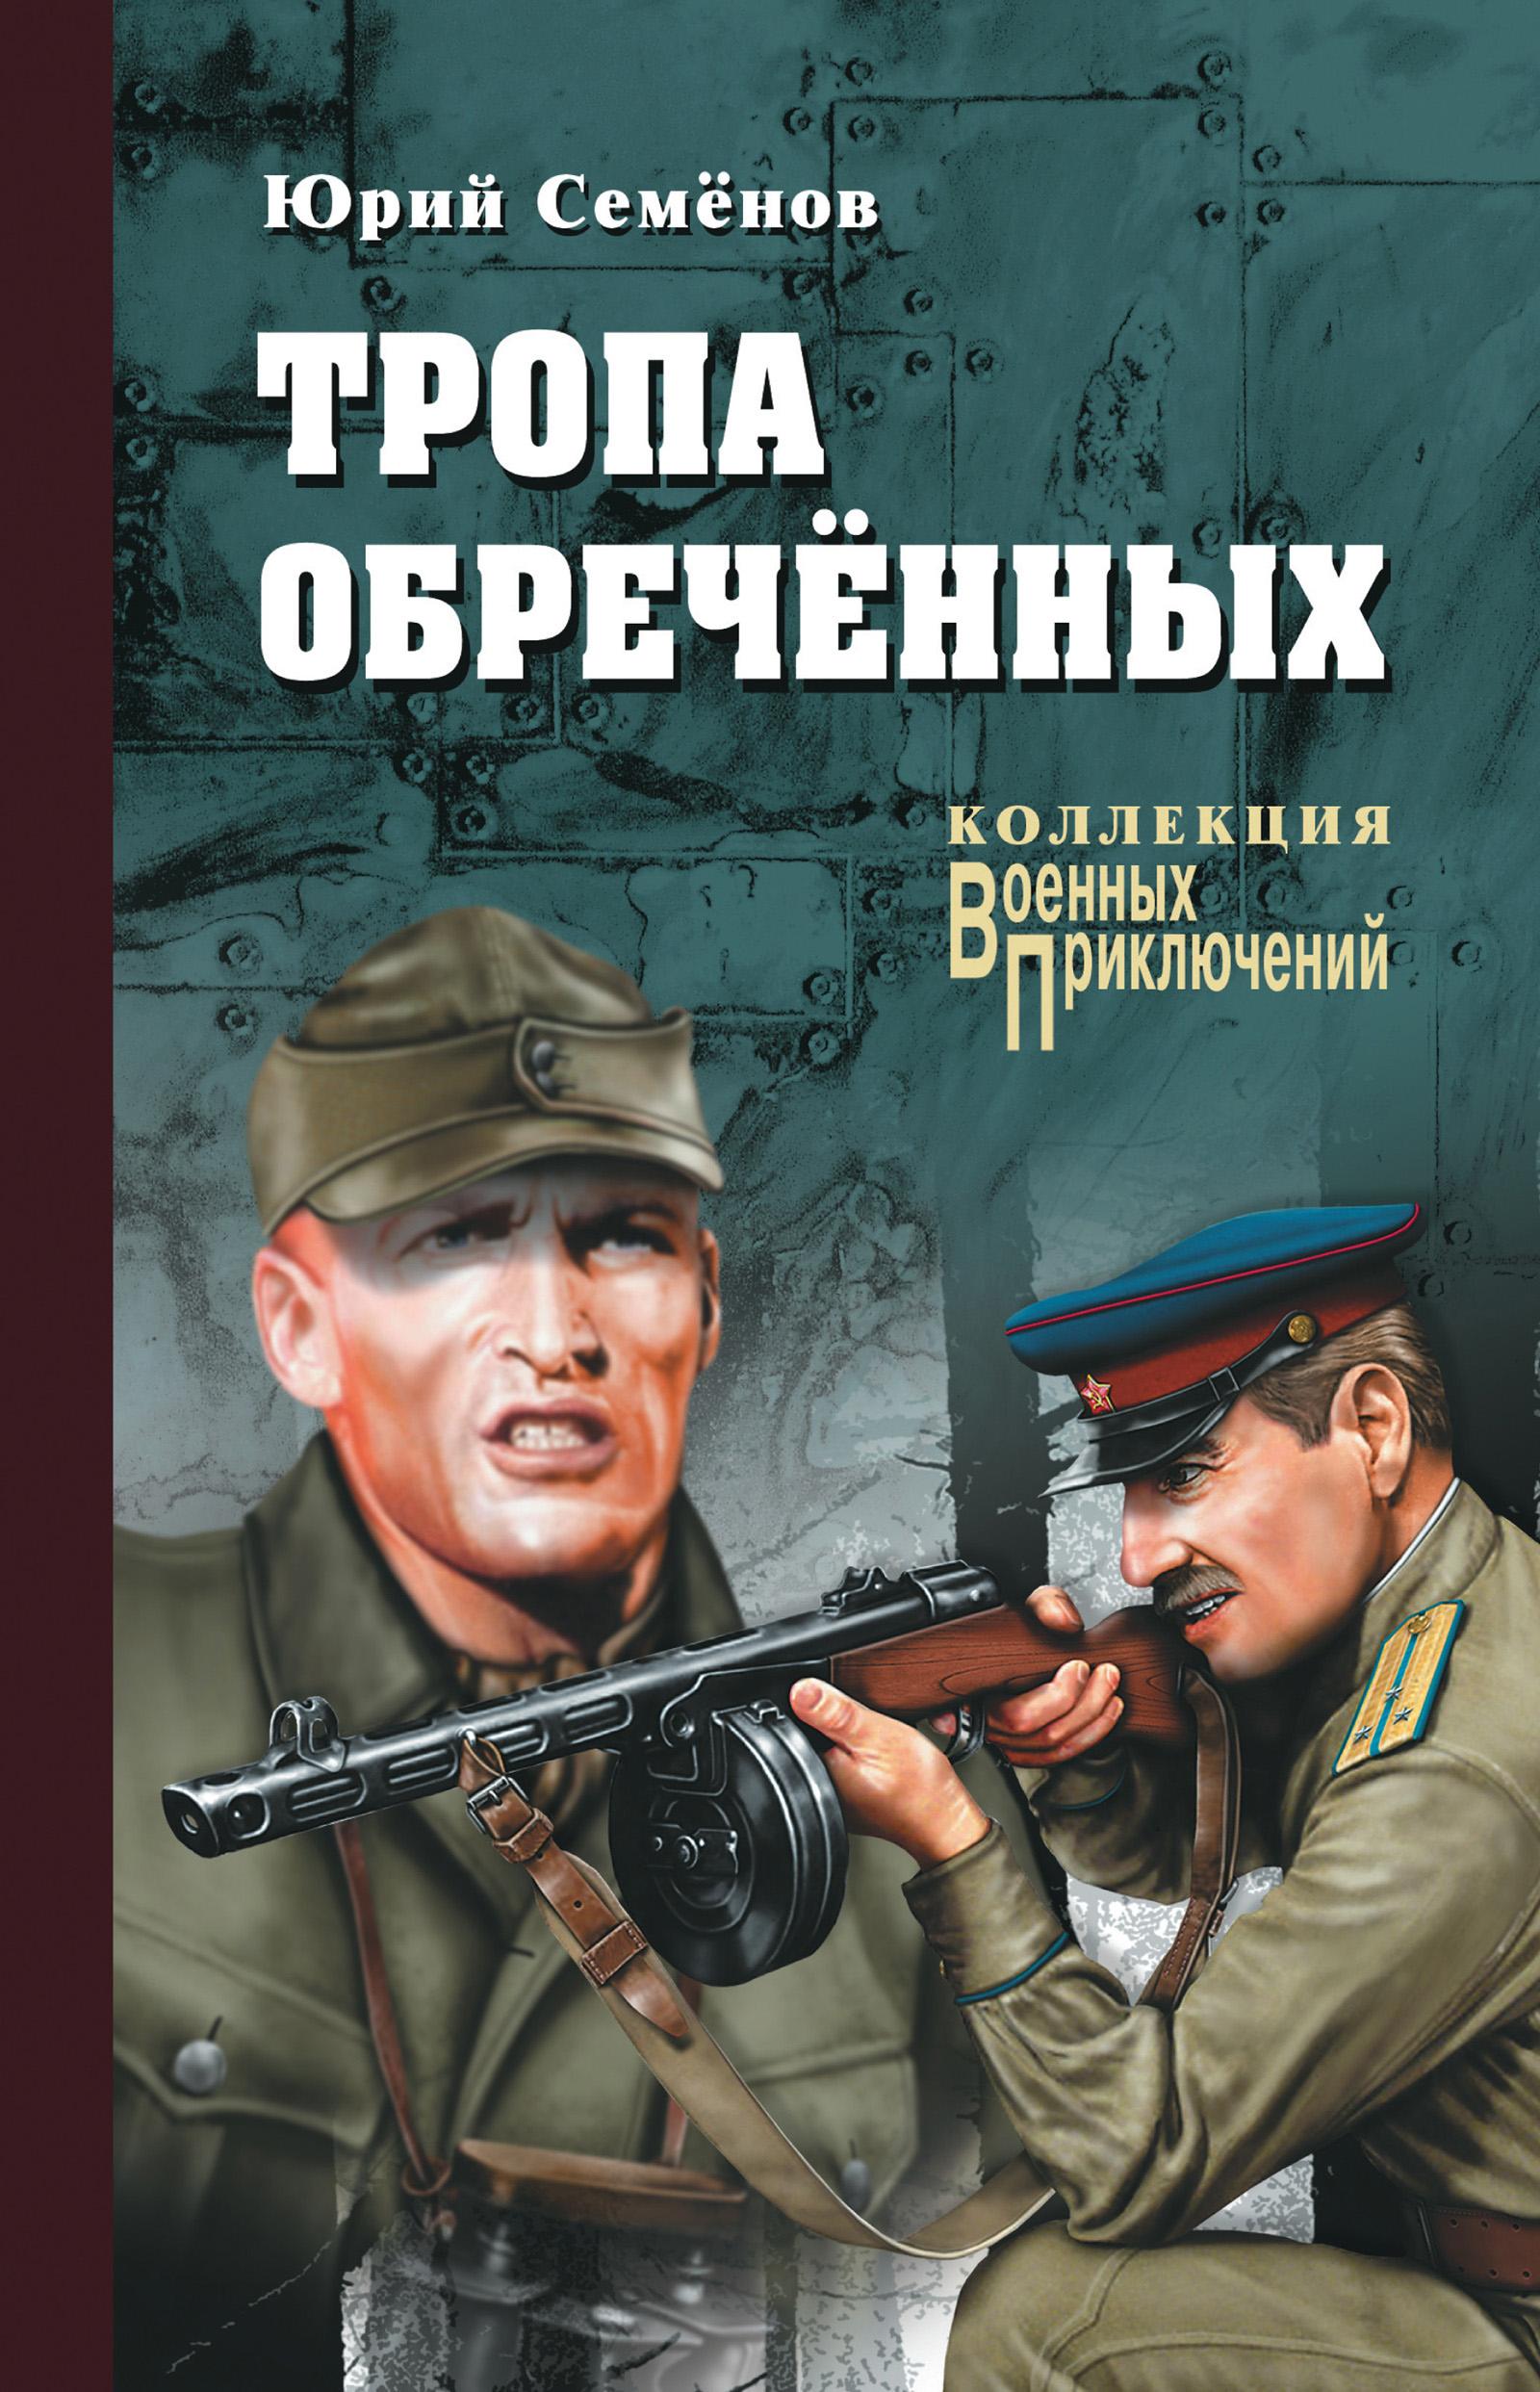 Юрий Иванович Семенов / Тропа обреченных